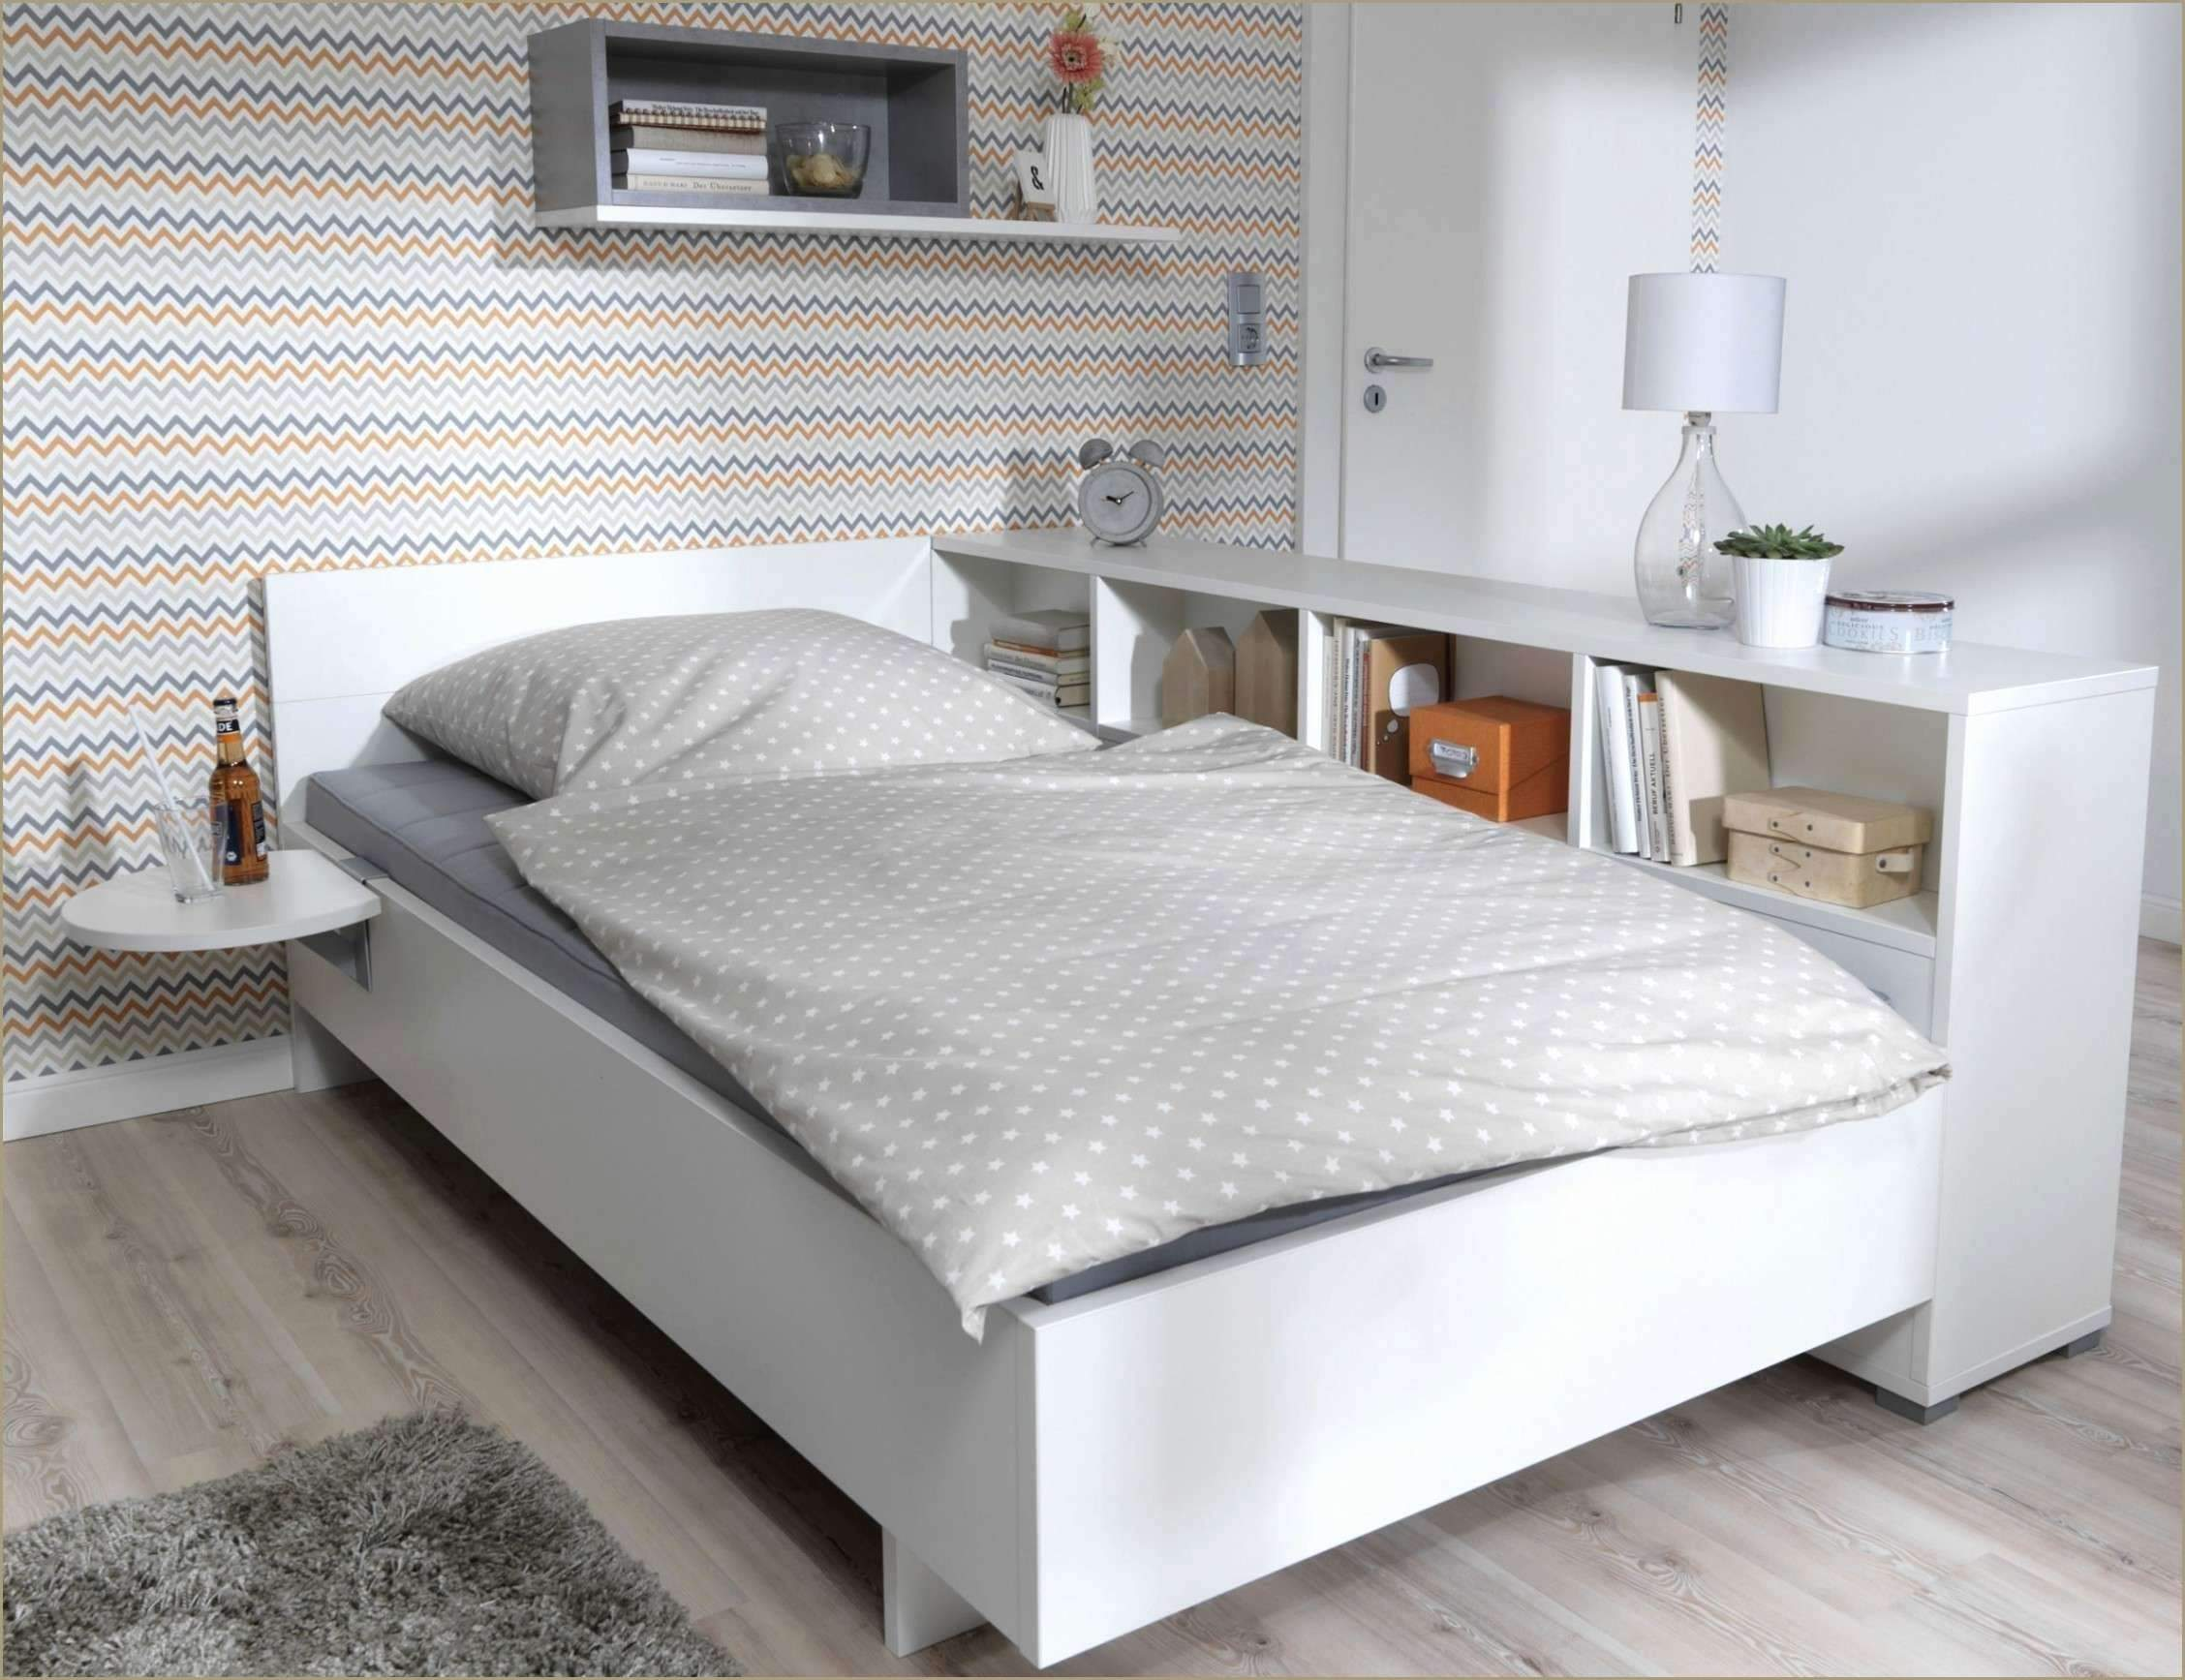 wohnzimmer dekoration genial 30 tolle von wohnzimmer deko grau konzept of wohnzimmer dekoration